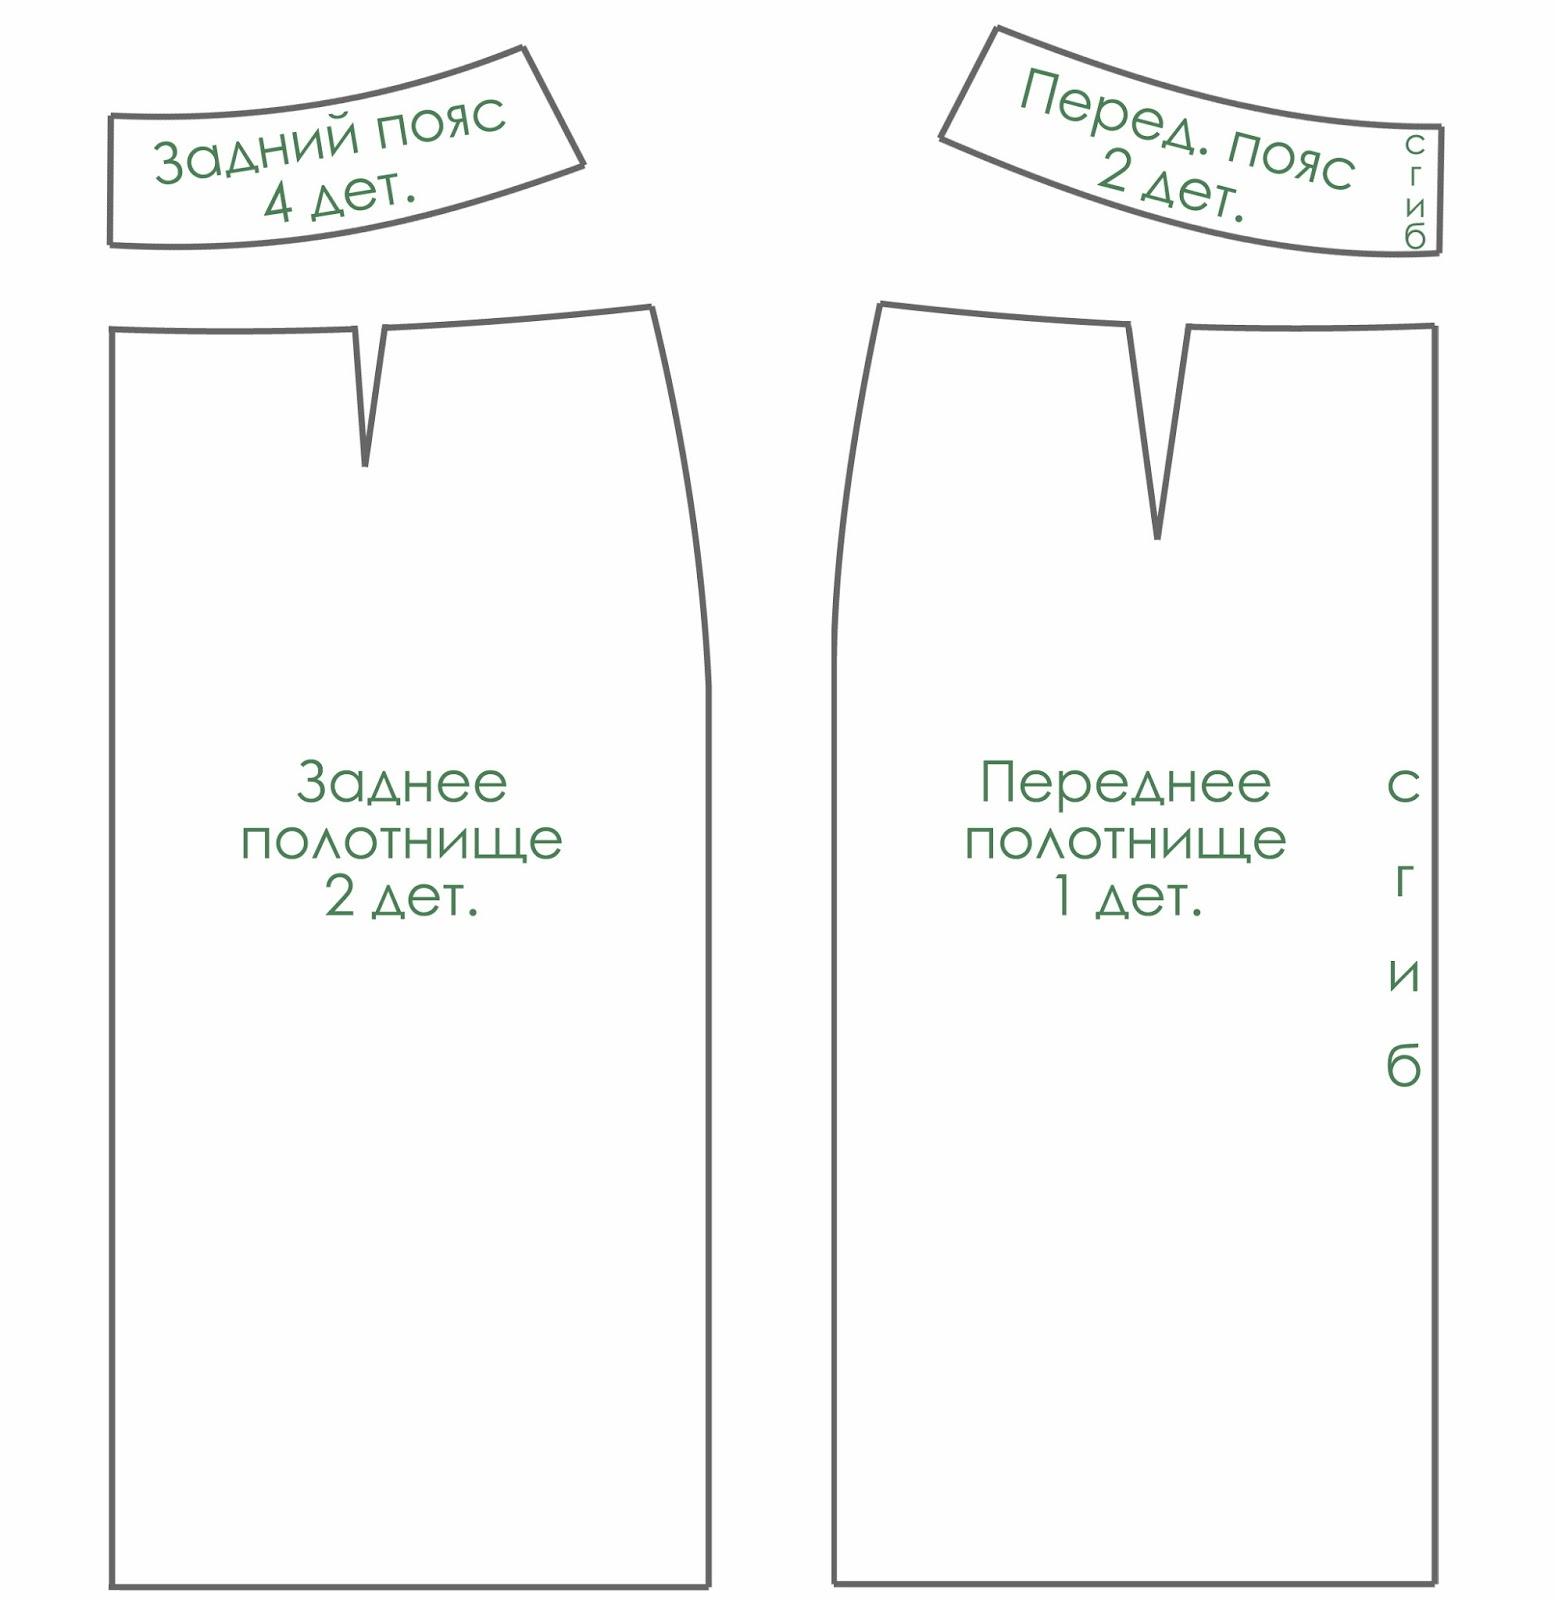 Пояс на юбке карандаш как сшить 51